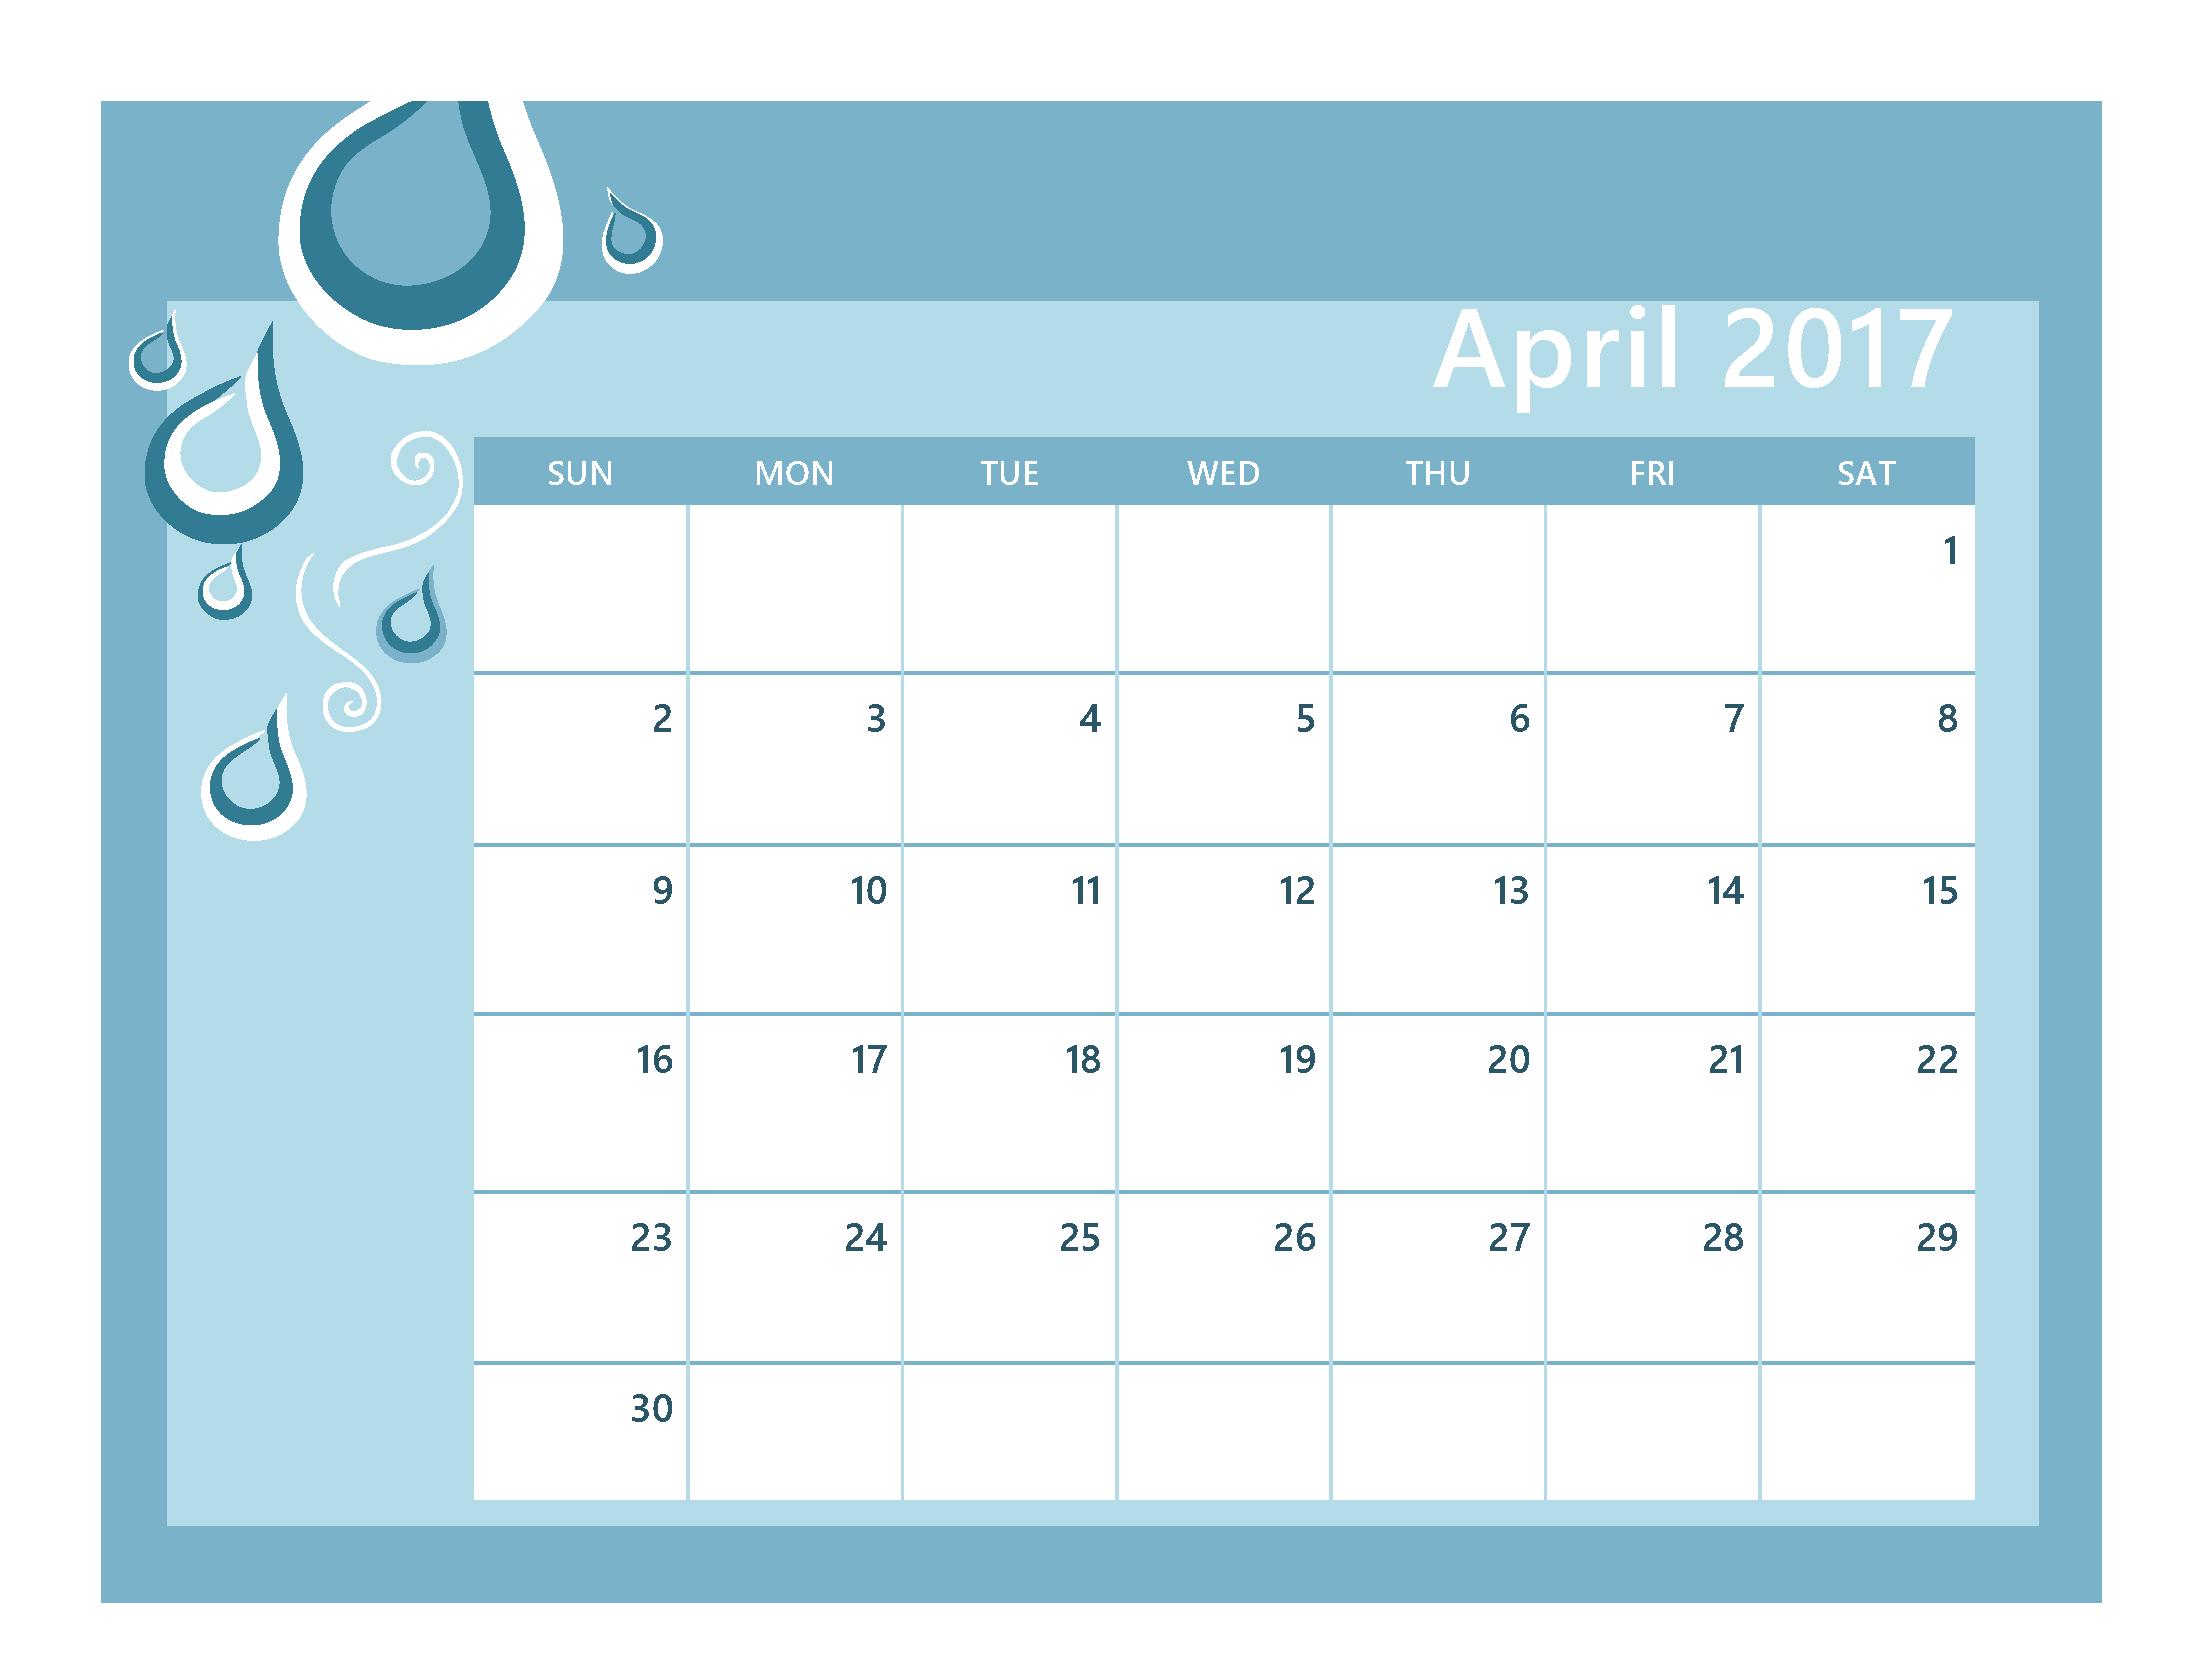 Clip art and images. Calendar clipart april 2017